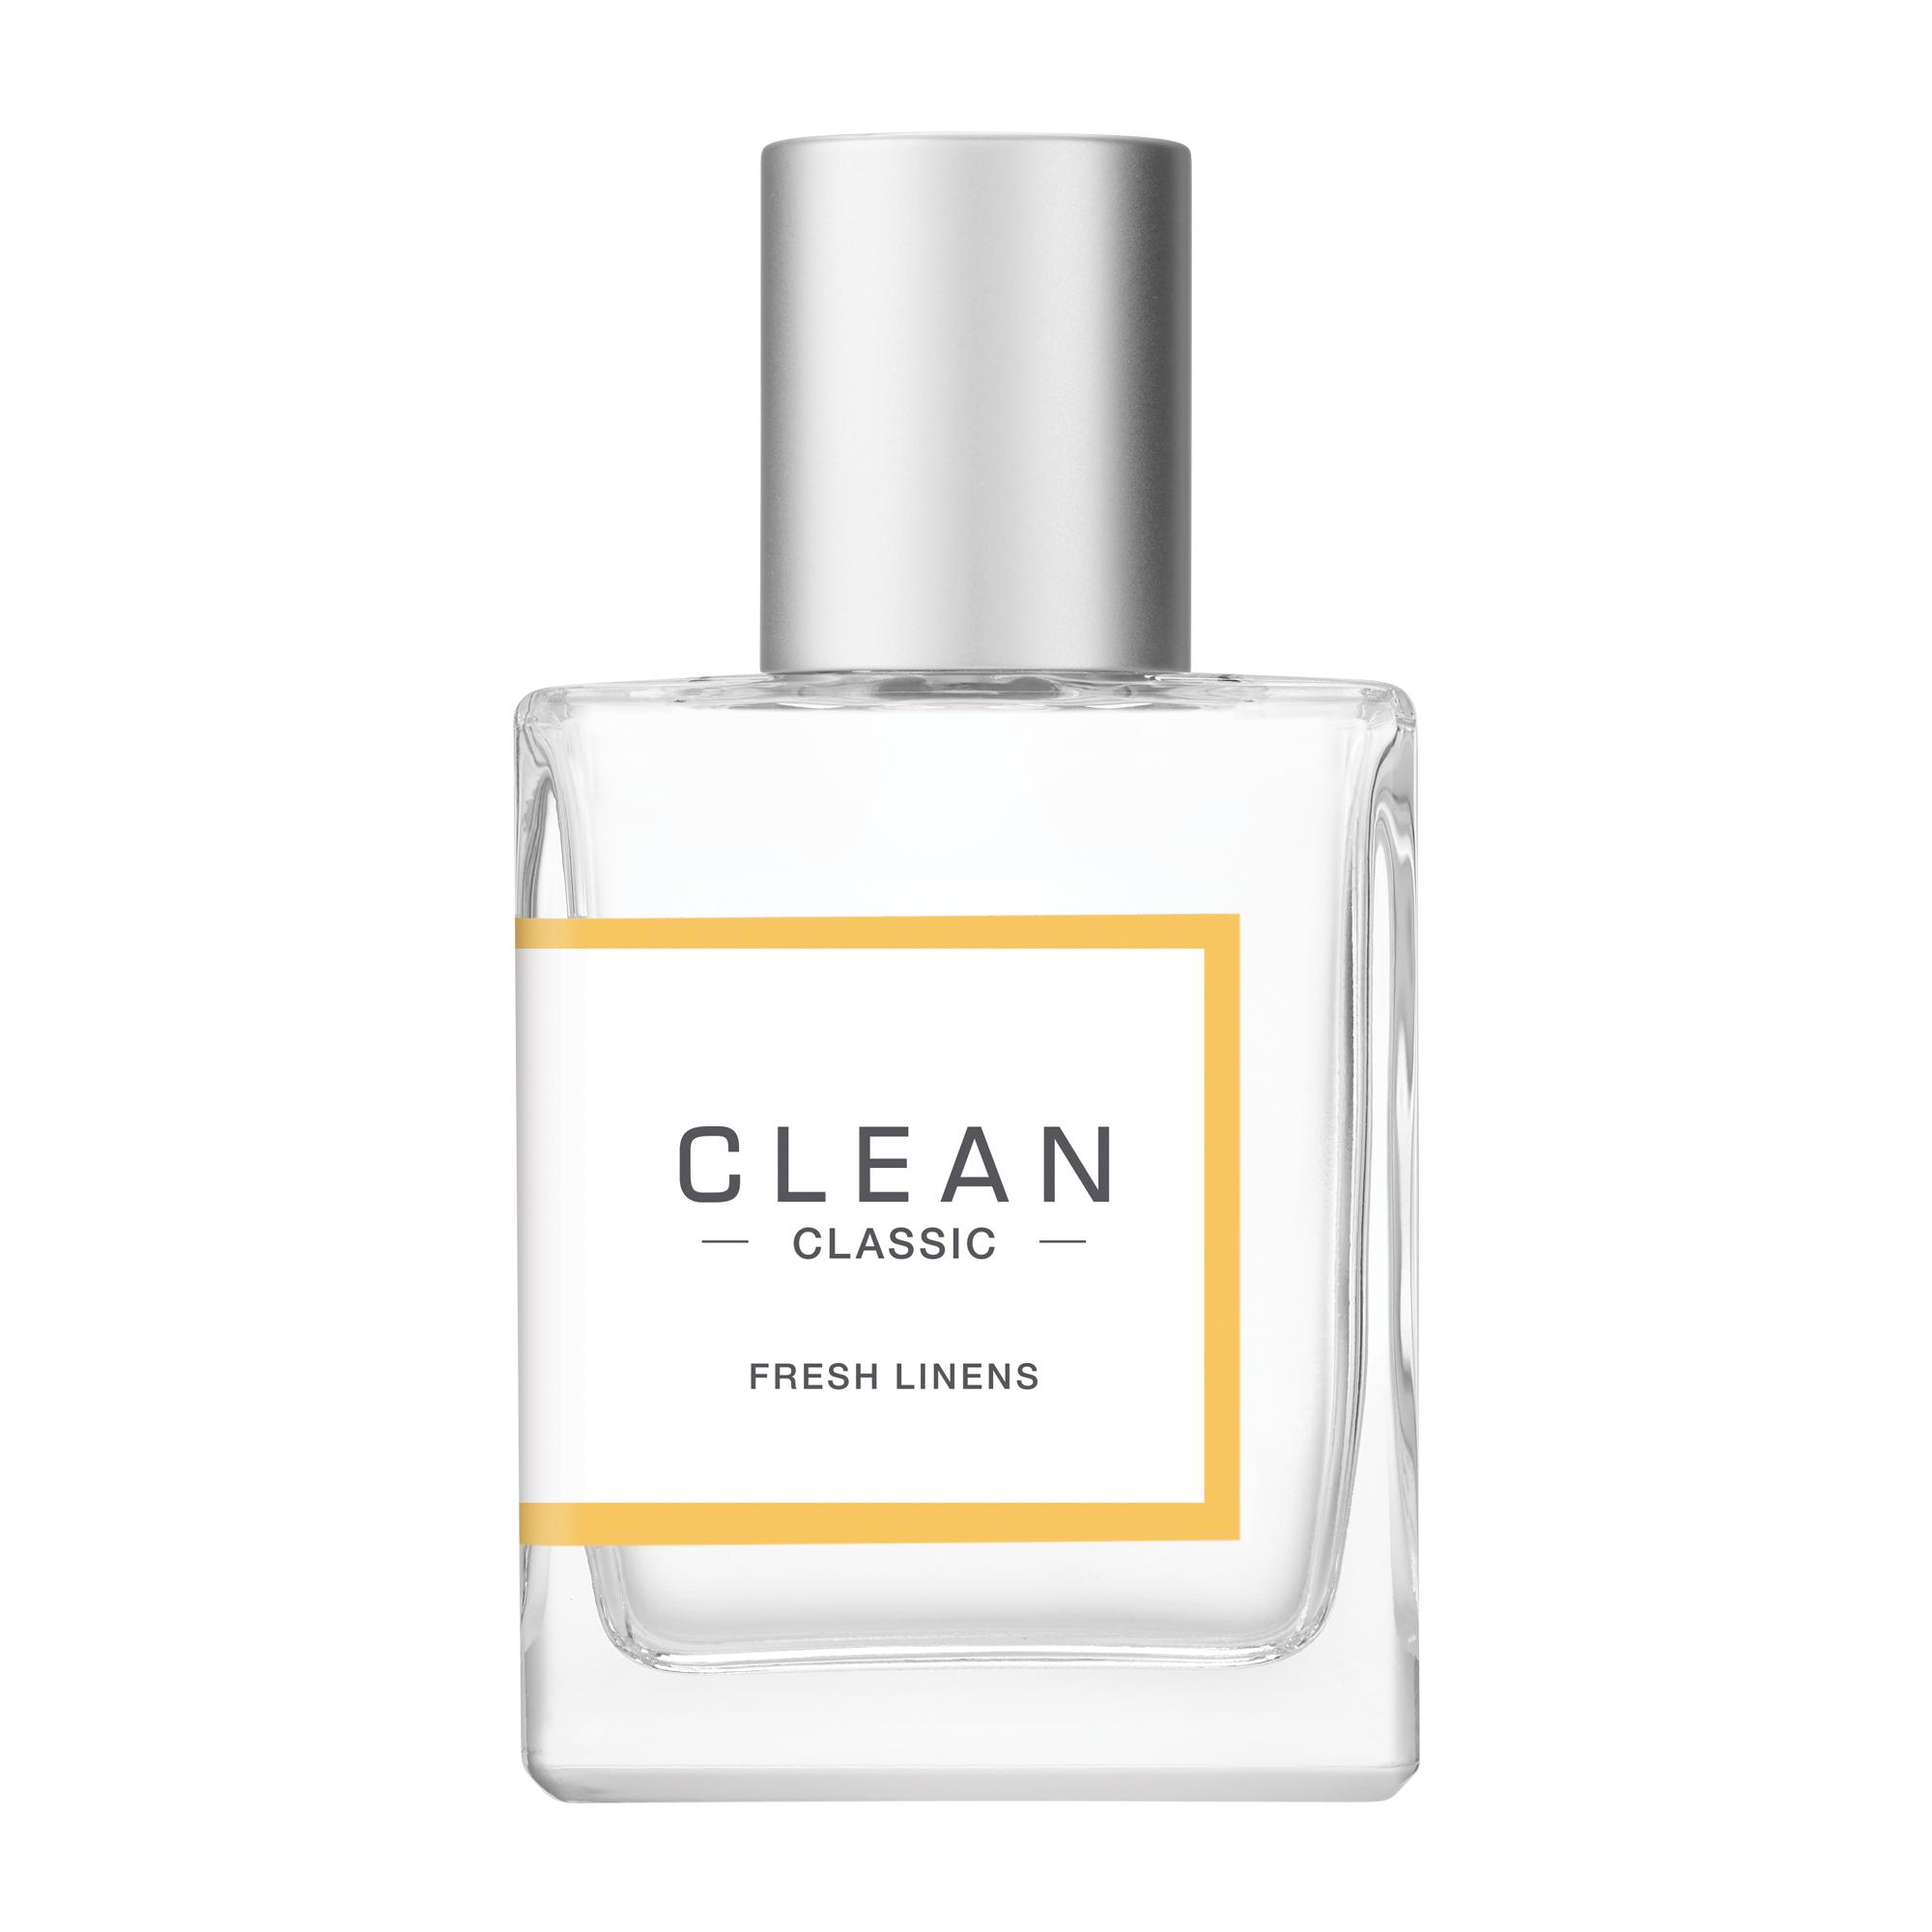 CLEAN Fresh Linens EDP, 30 ml